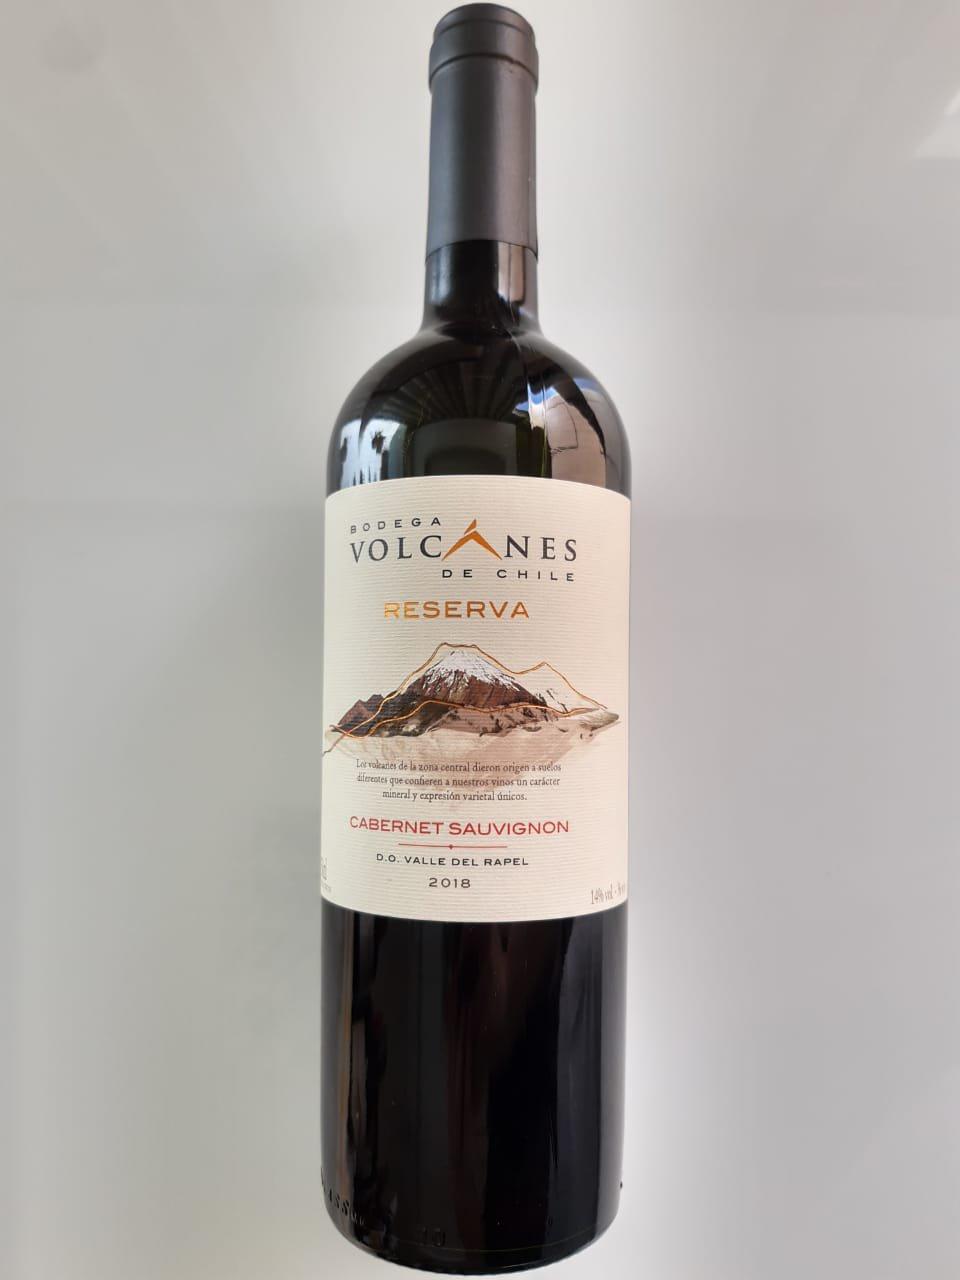 Vinho Volcanes Reserva Cabernet Sauvignon 2018 750ml